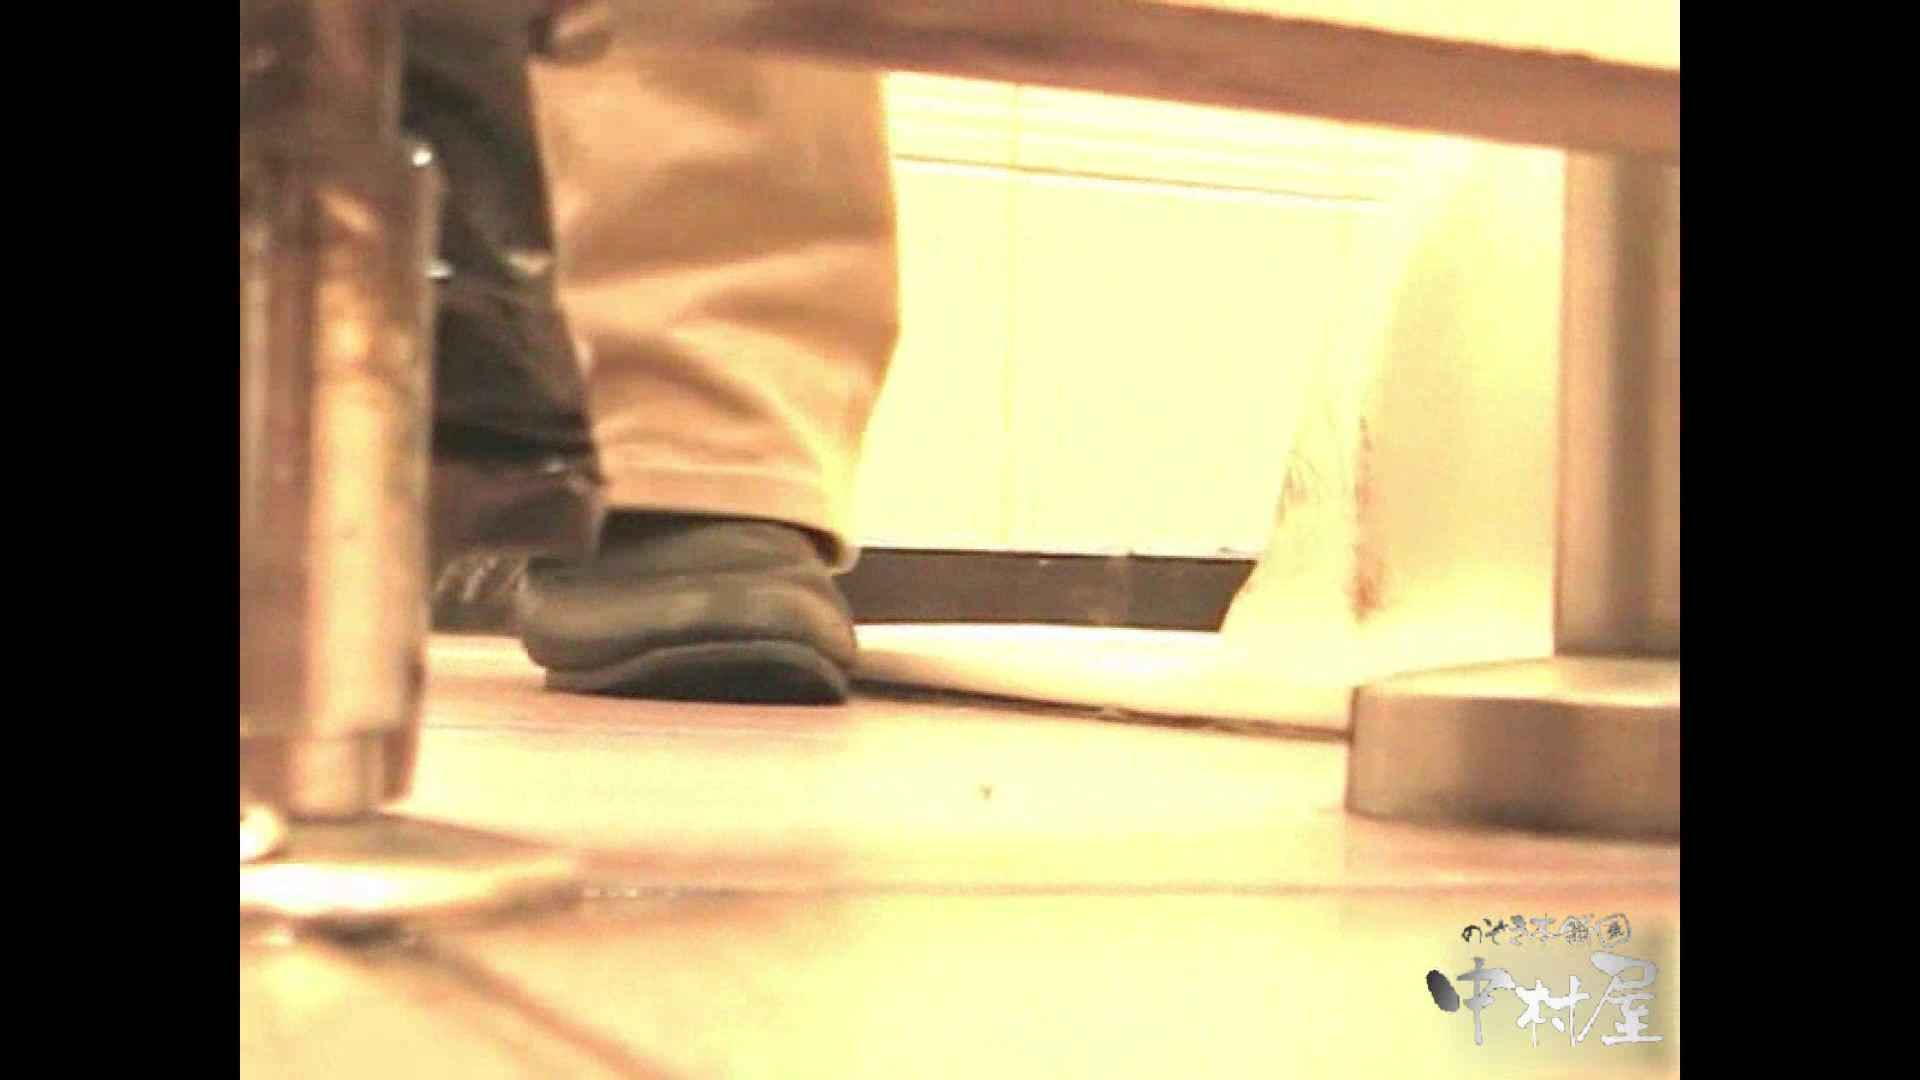 岩手県在住盗撮師盗撮記録vol.02 盗撮シリーズ AV動画キャプチャ 108PIX 58